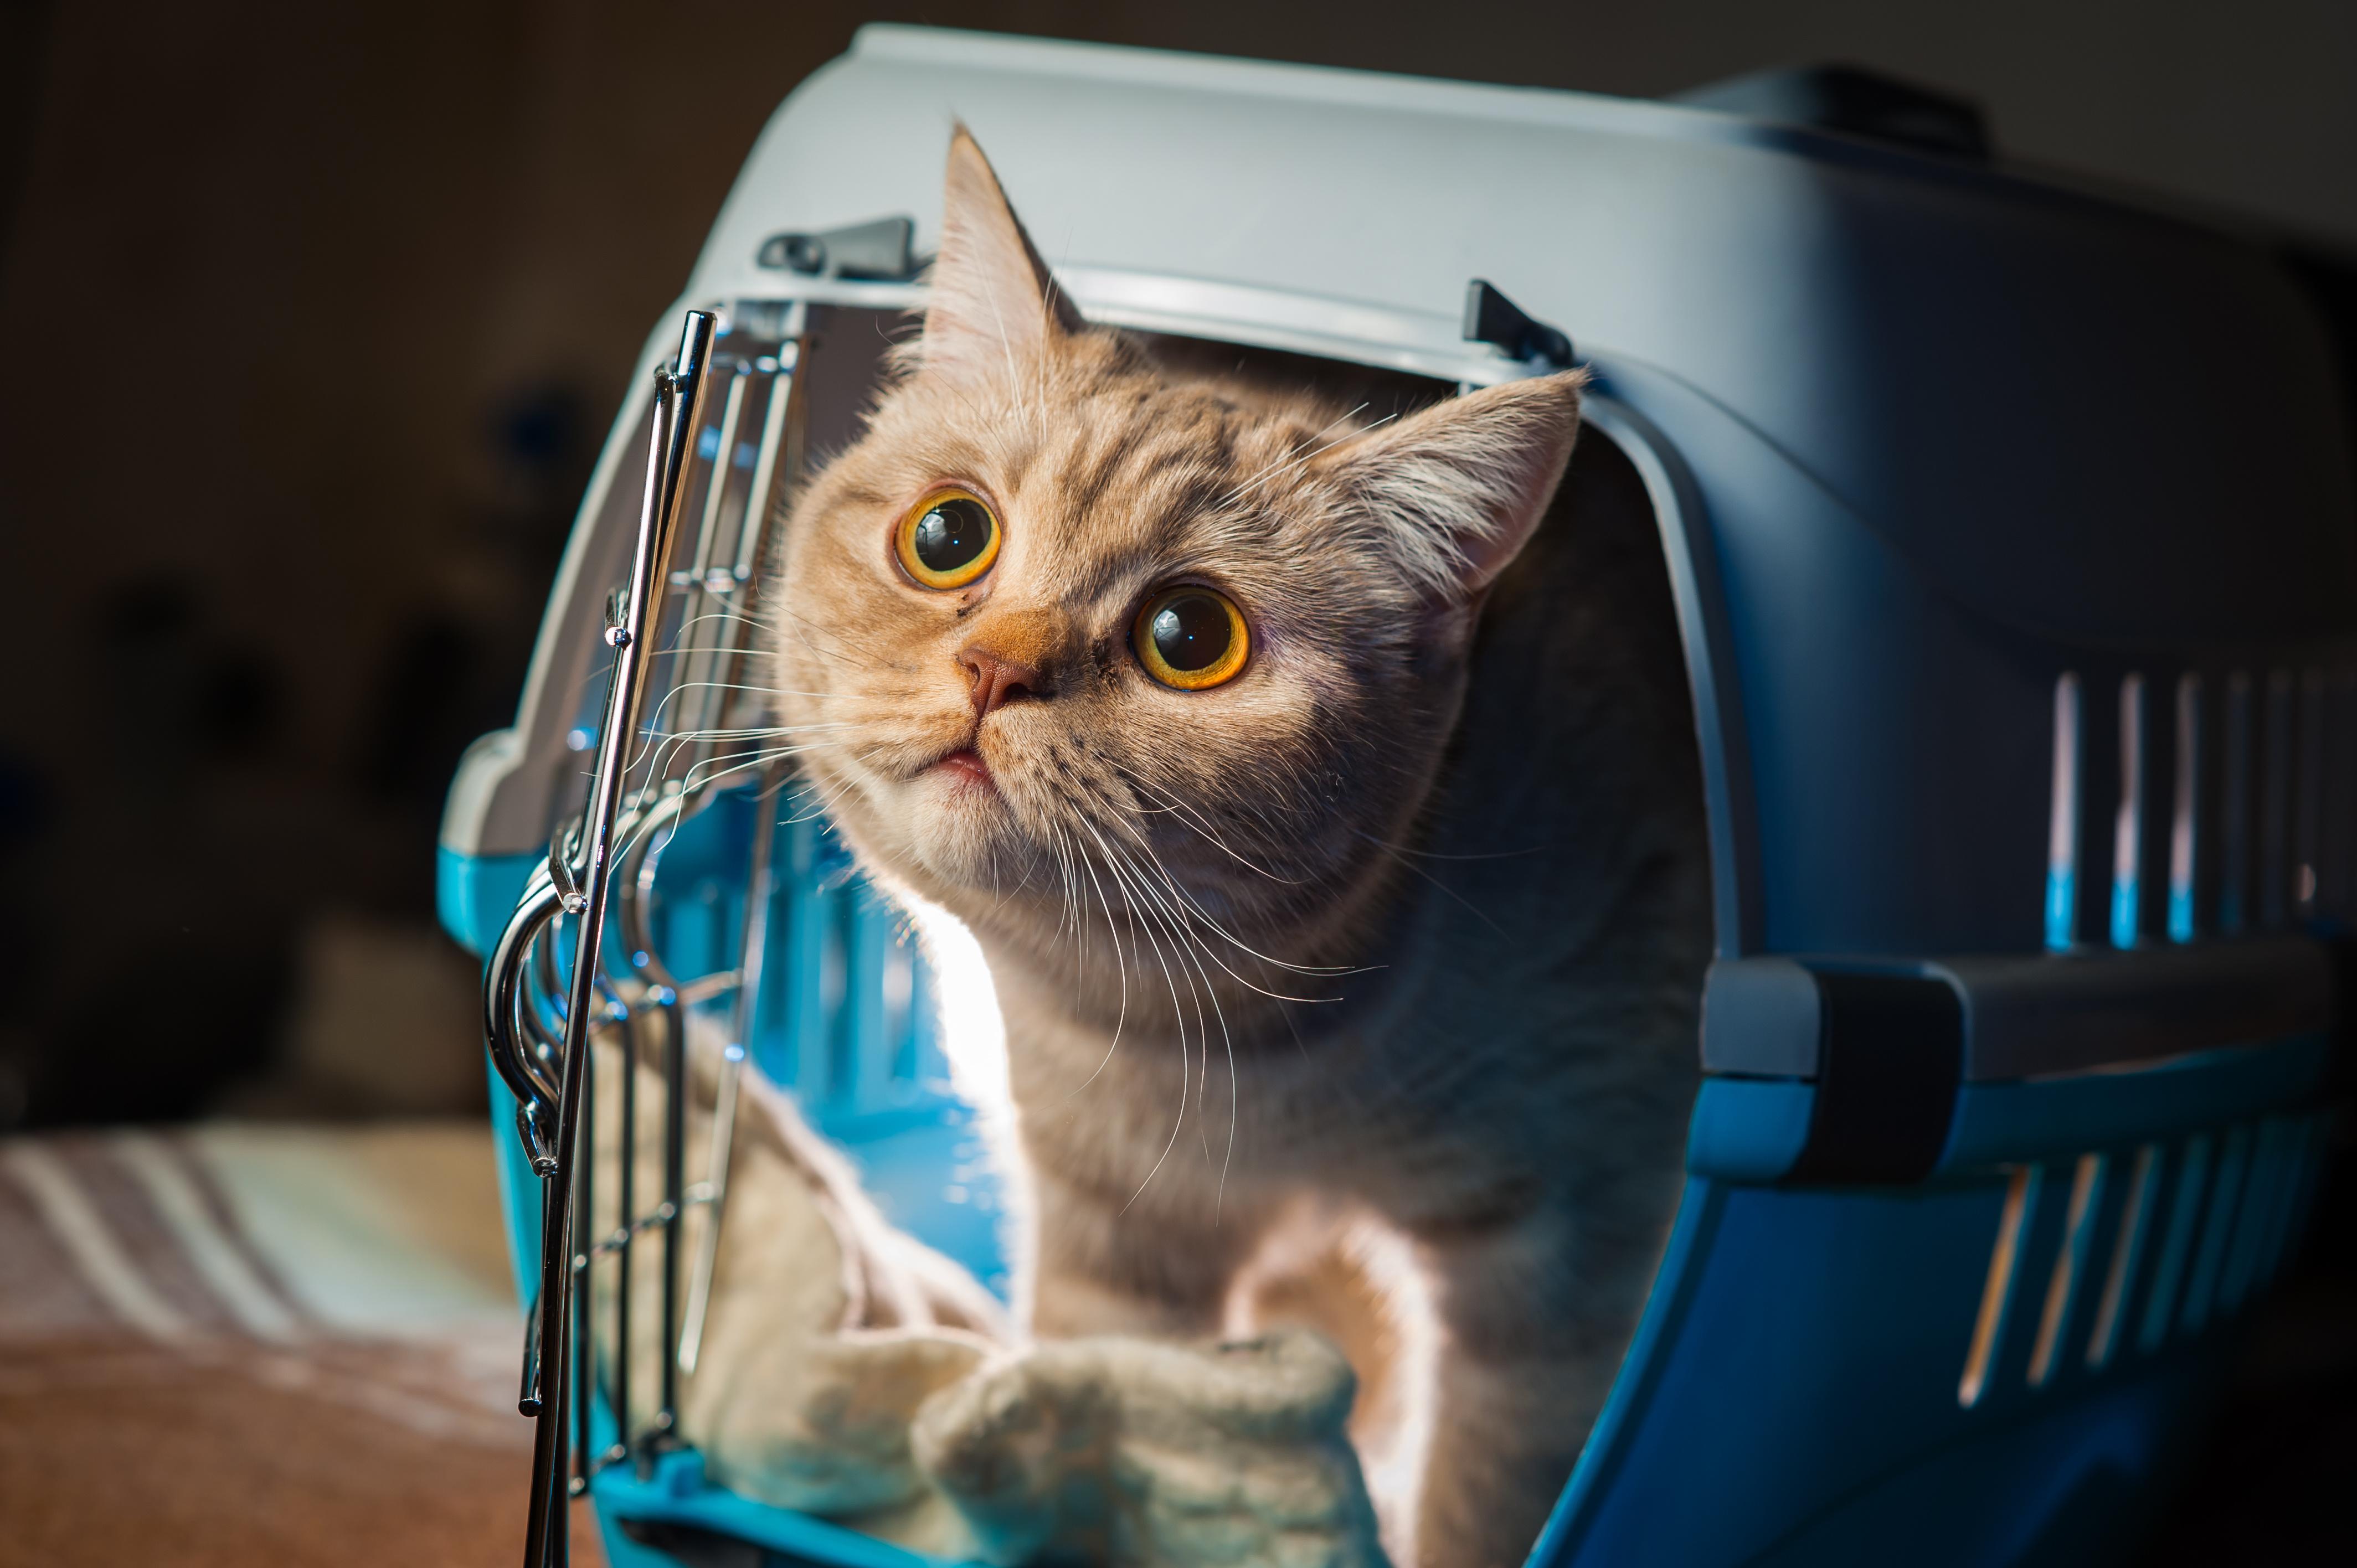 chat étranger datant qu'est-ce que cela signifie d'avoir un rêve de sortir avec une célébrité